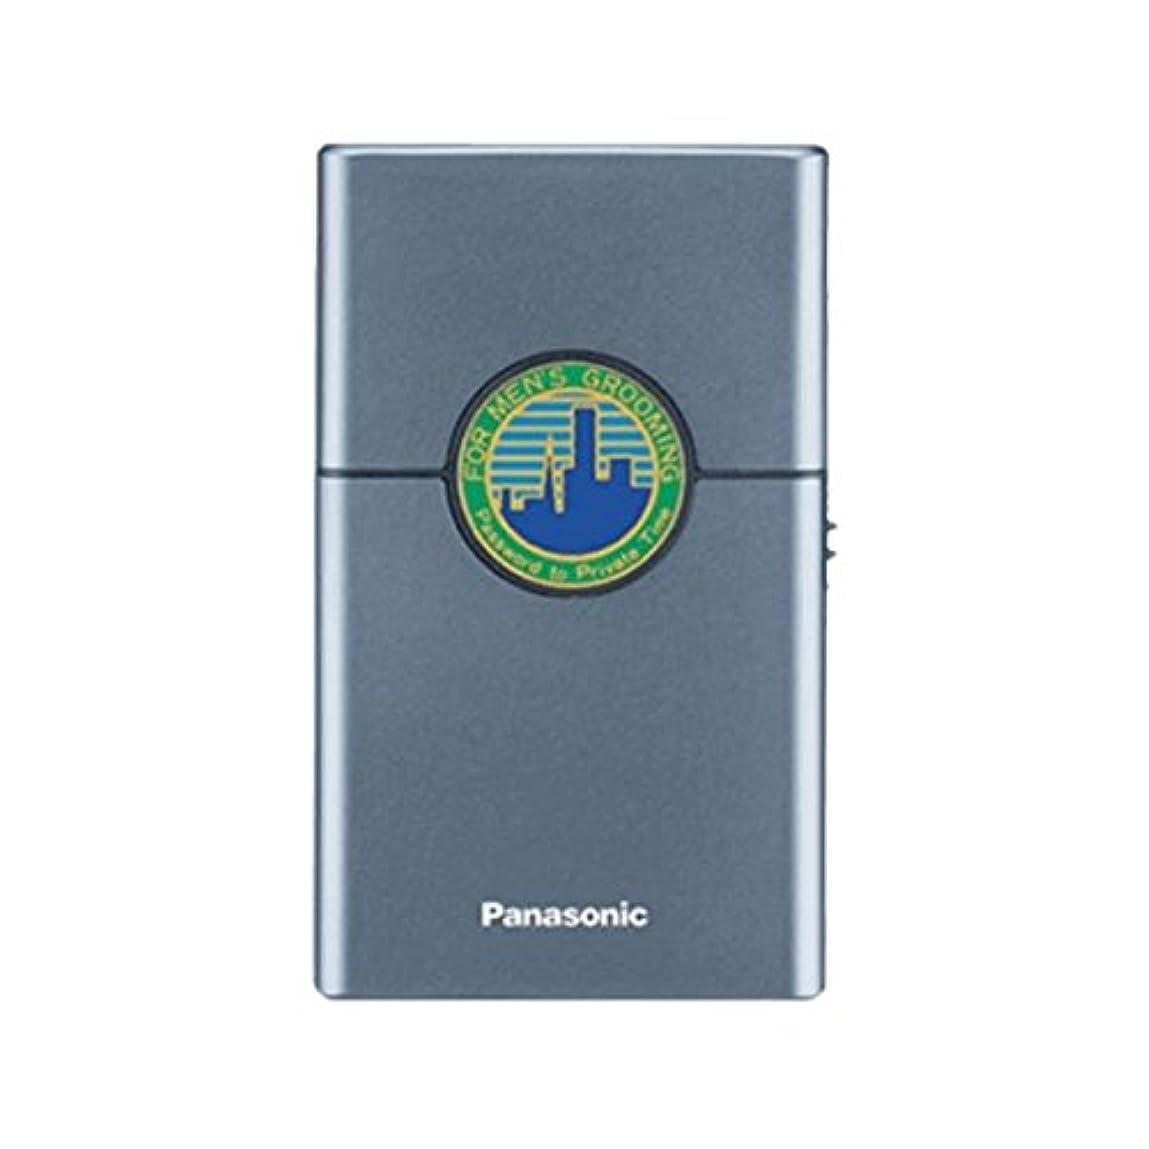 適用済みアリ植物学パナソニック PANASONIC ES518-AP77 [カードシェーバー AITE(アイト) ツーリストモデル]